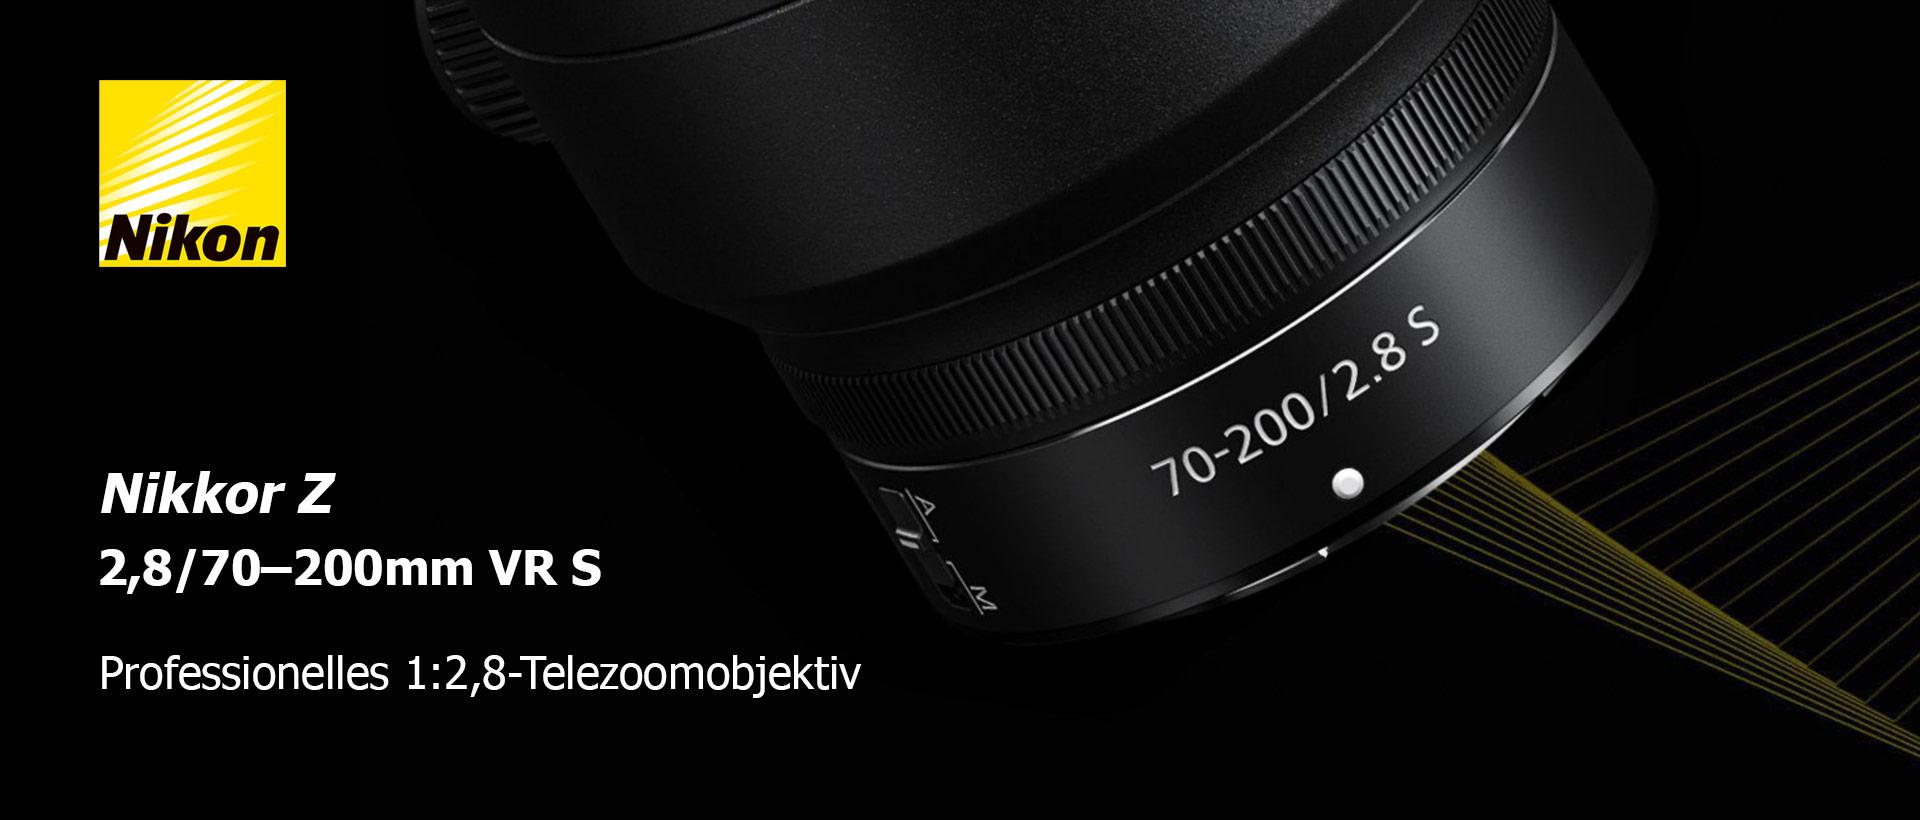 Nikon Z 2,8/70-200mm VR S